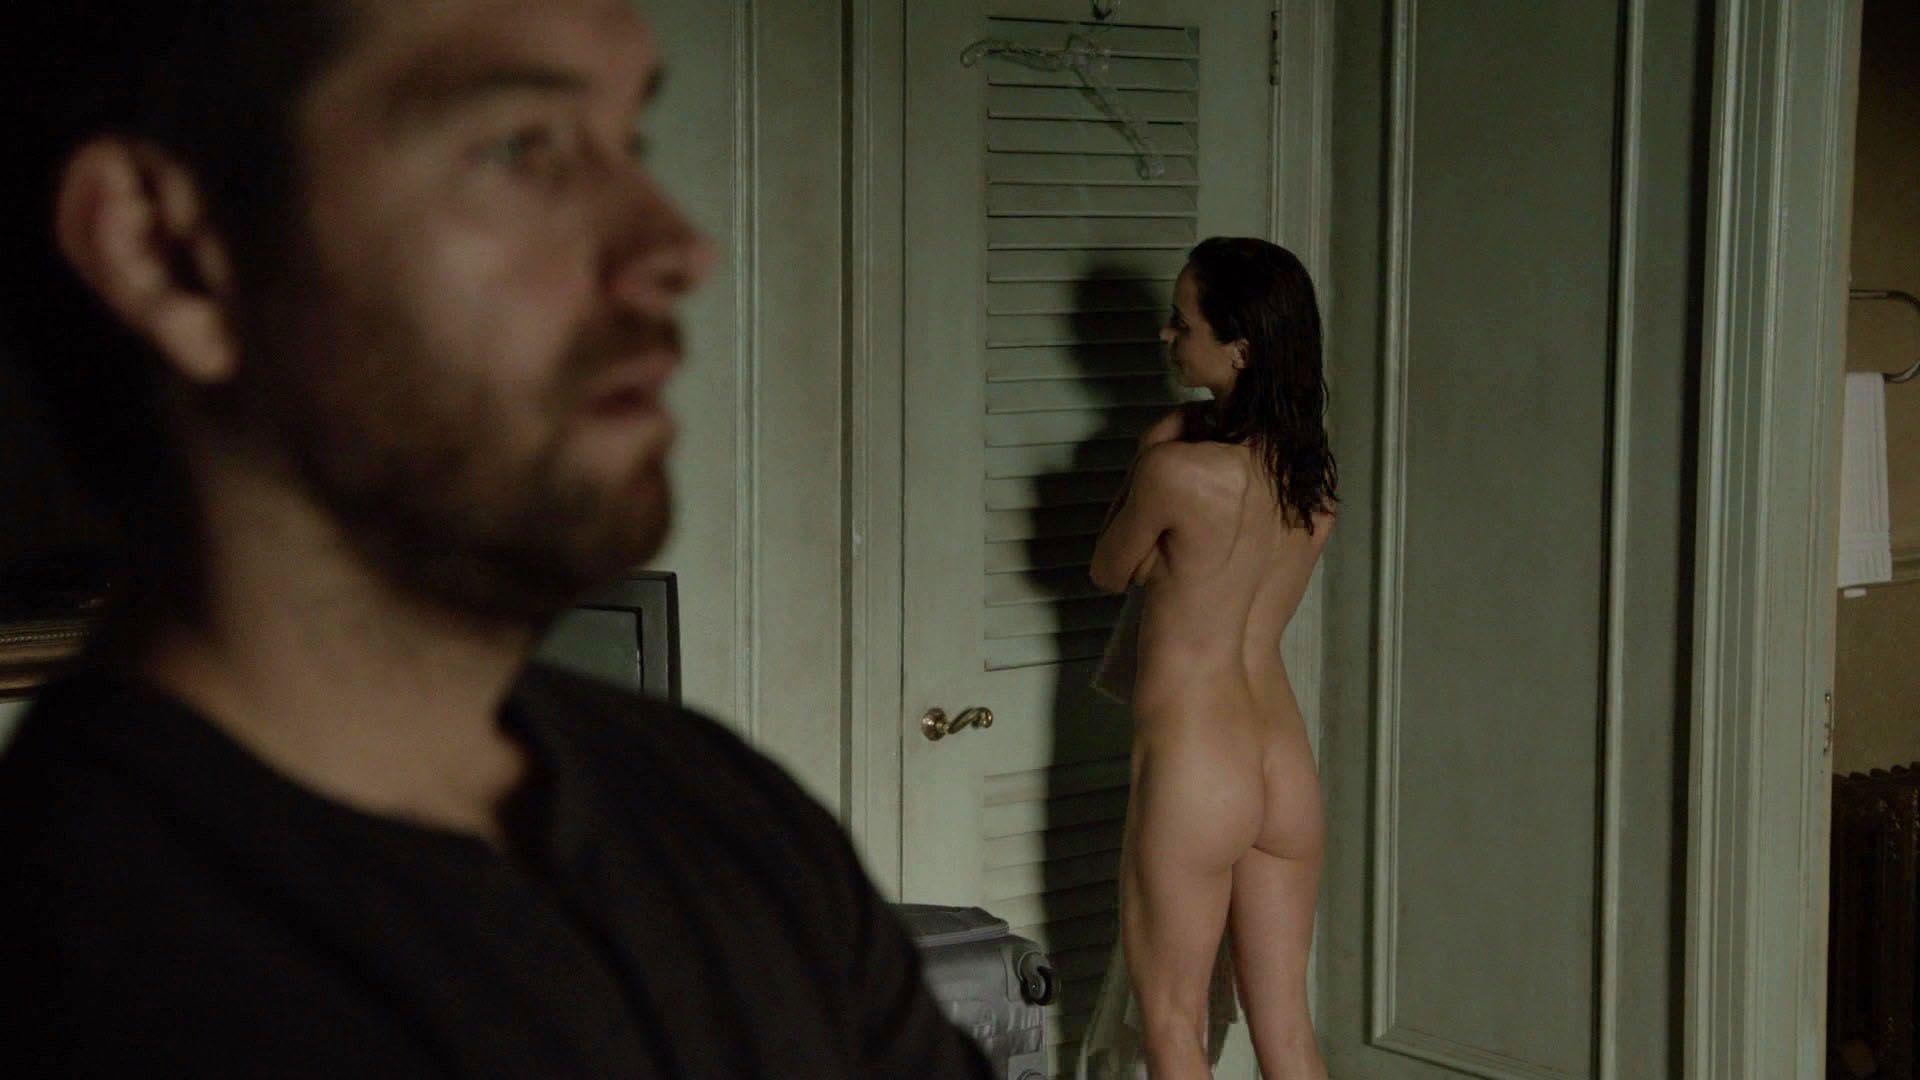 Eliza-Dushku-Nude-1